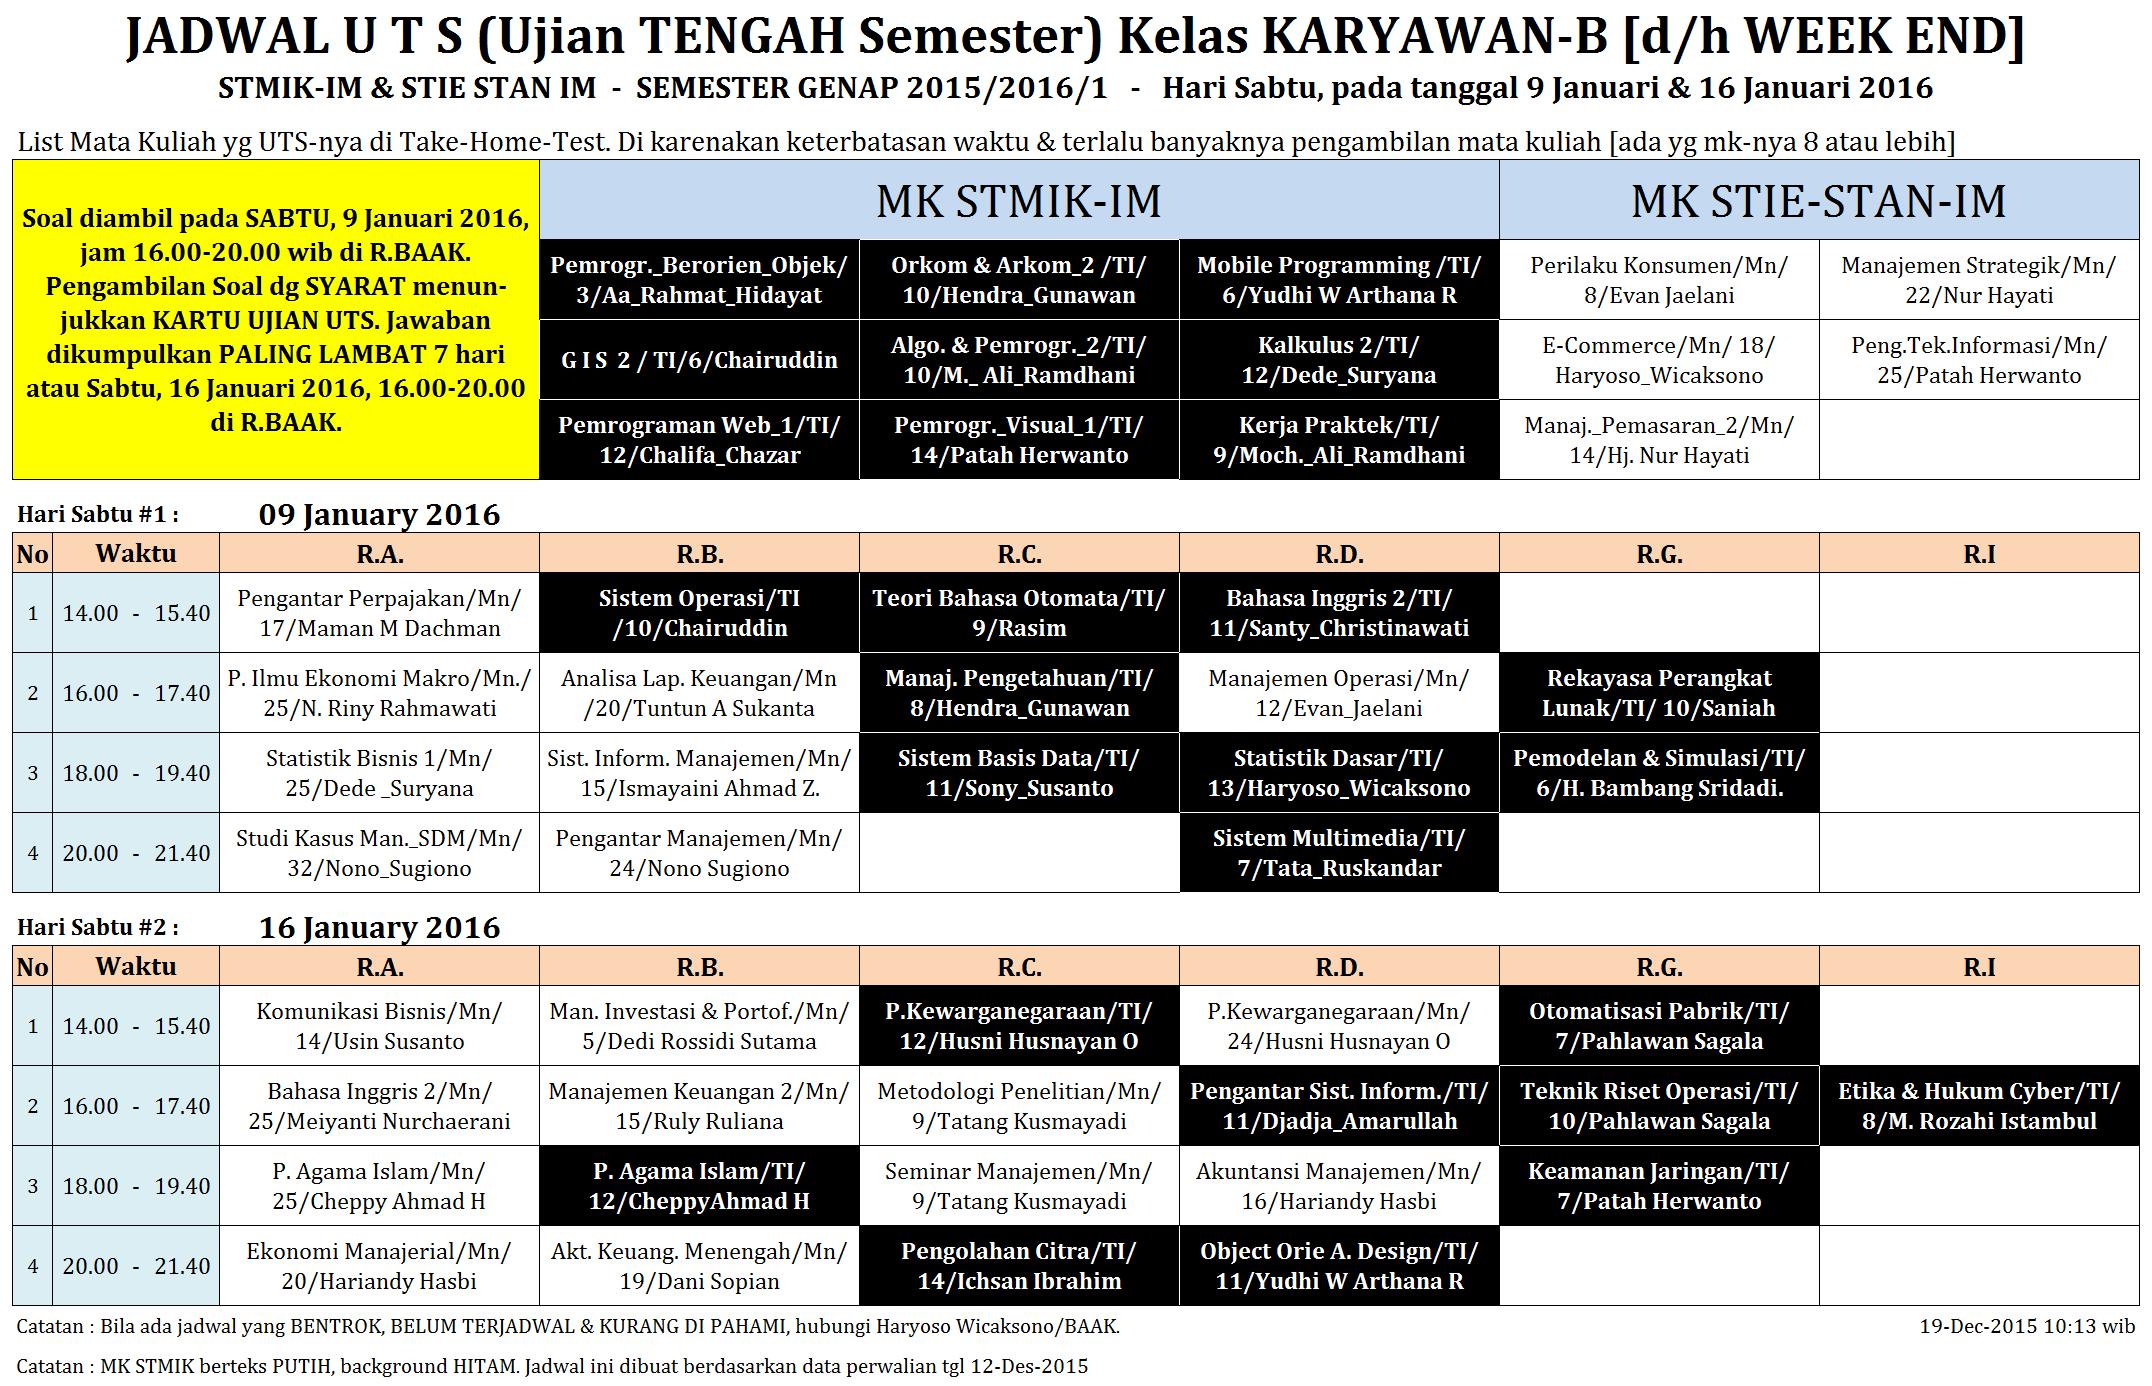 4_Jadwal UTS-KRY-B Jan-16